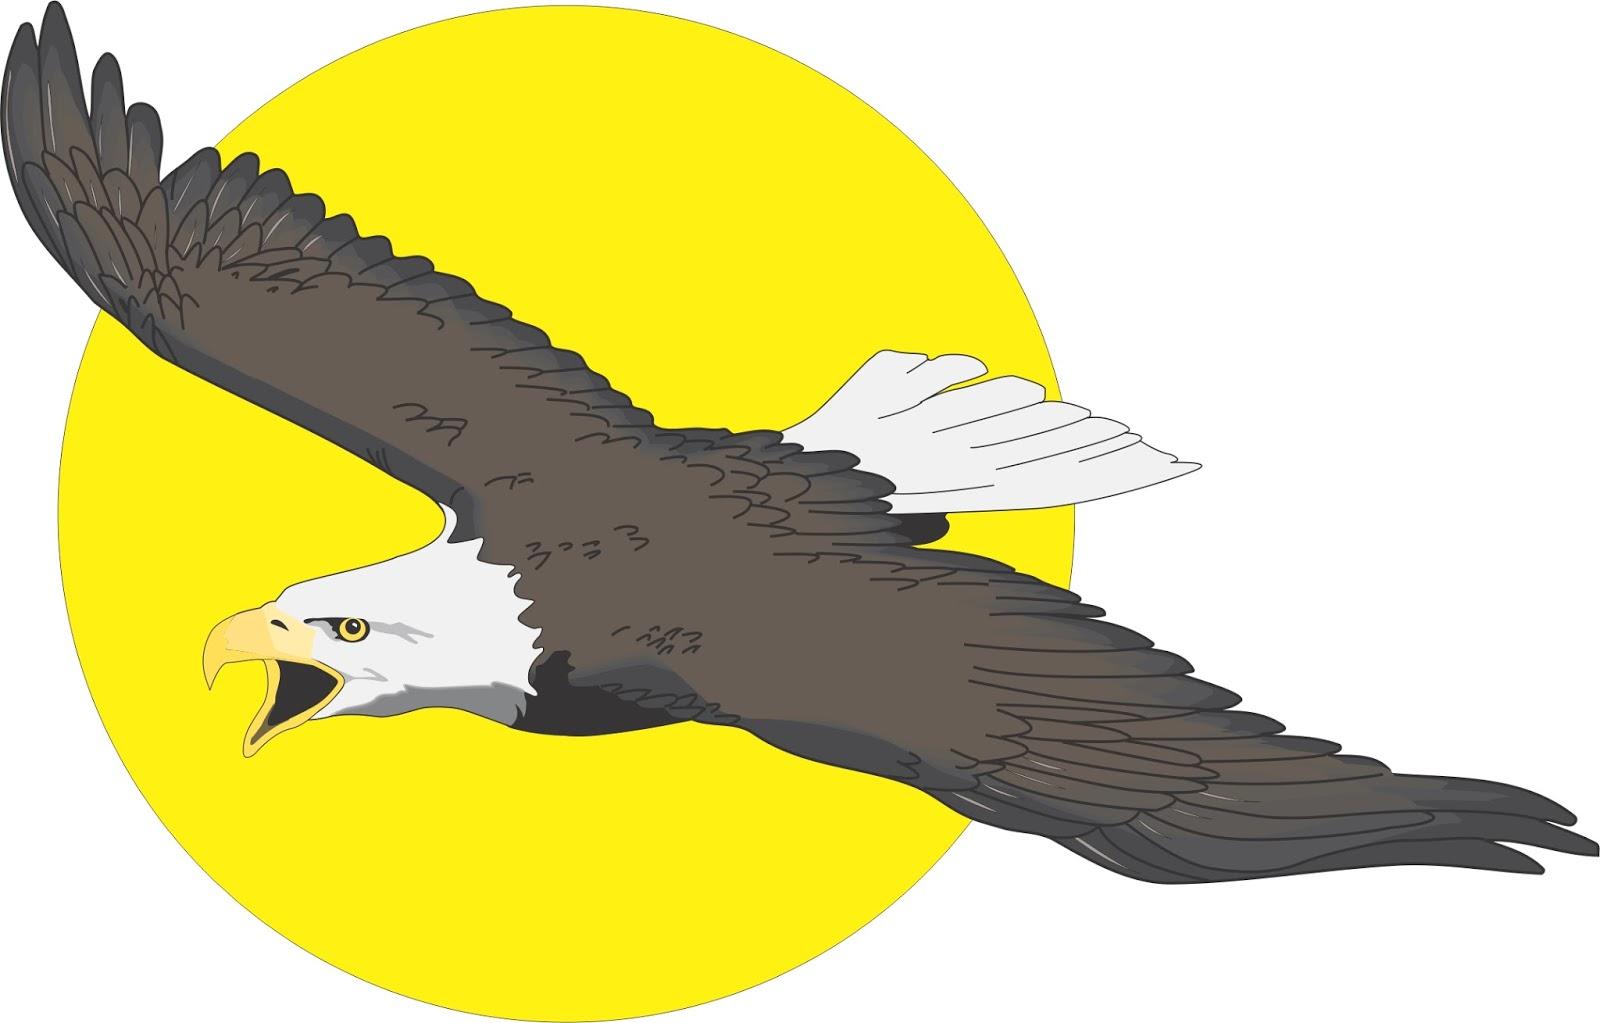 Download 63+ Gambar Burung Elang Animasi Paling Baru Gratis